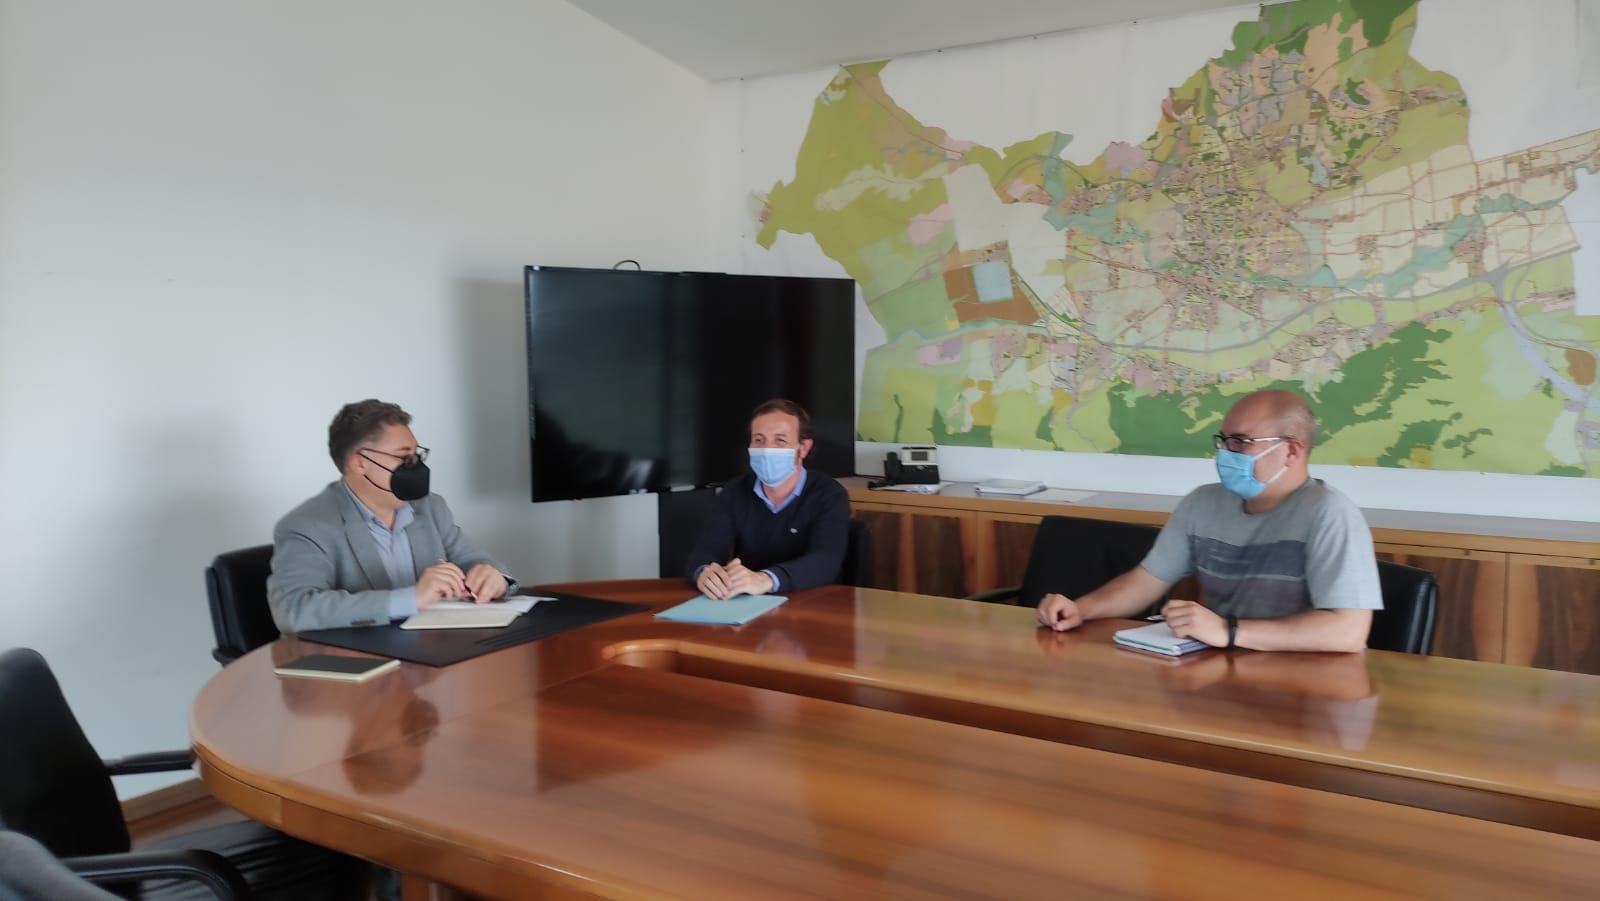 2021-04-27 Reunión con Andrés Fco Guerrero Concejal de Urbanismo y Transición Ecológica del Ayuntamiento de Murcia con la Asociación de Vecinos de Joven Futura